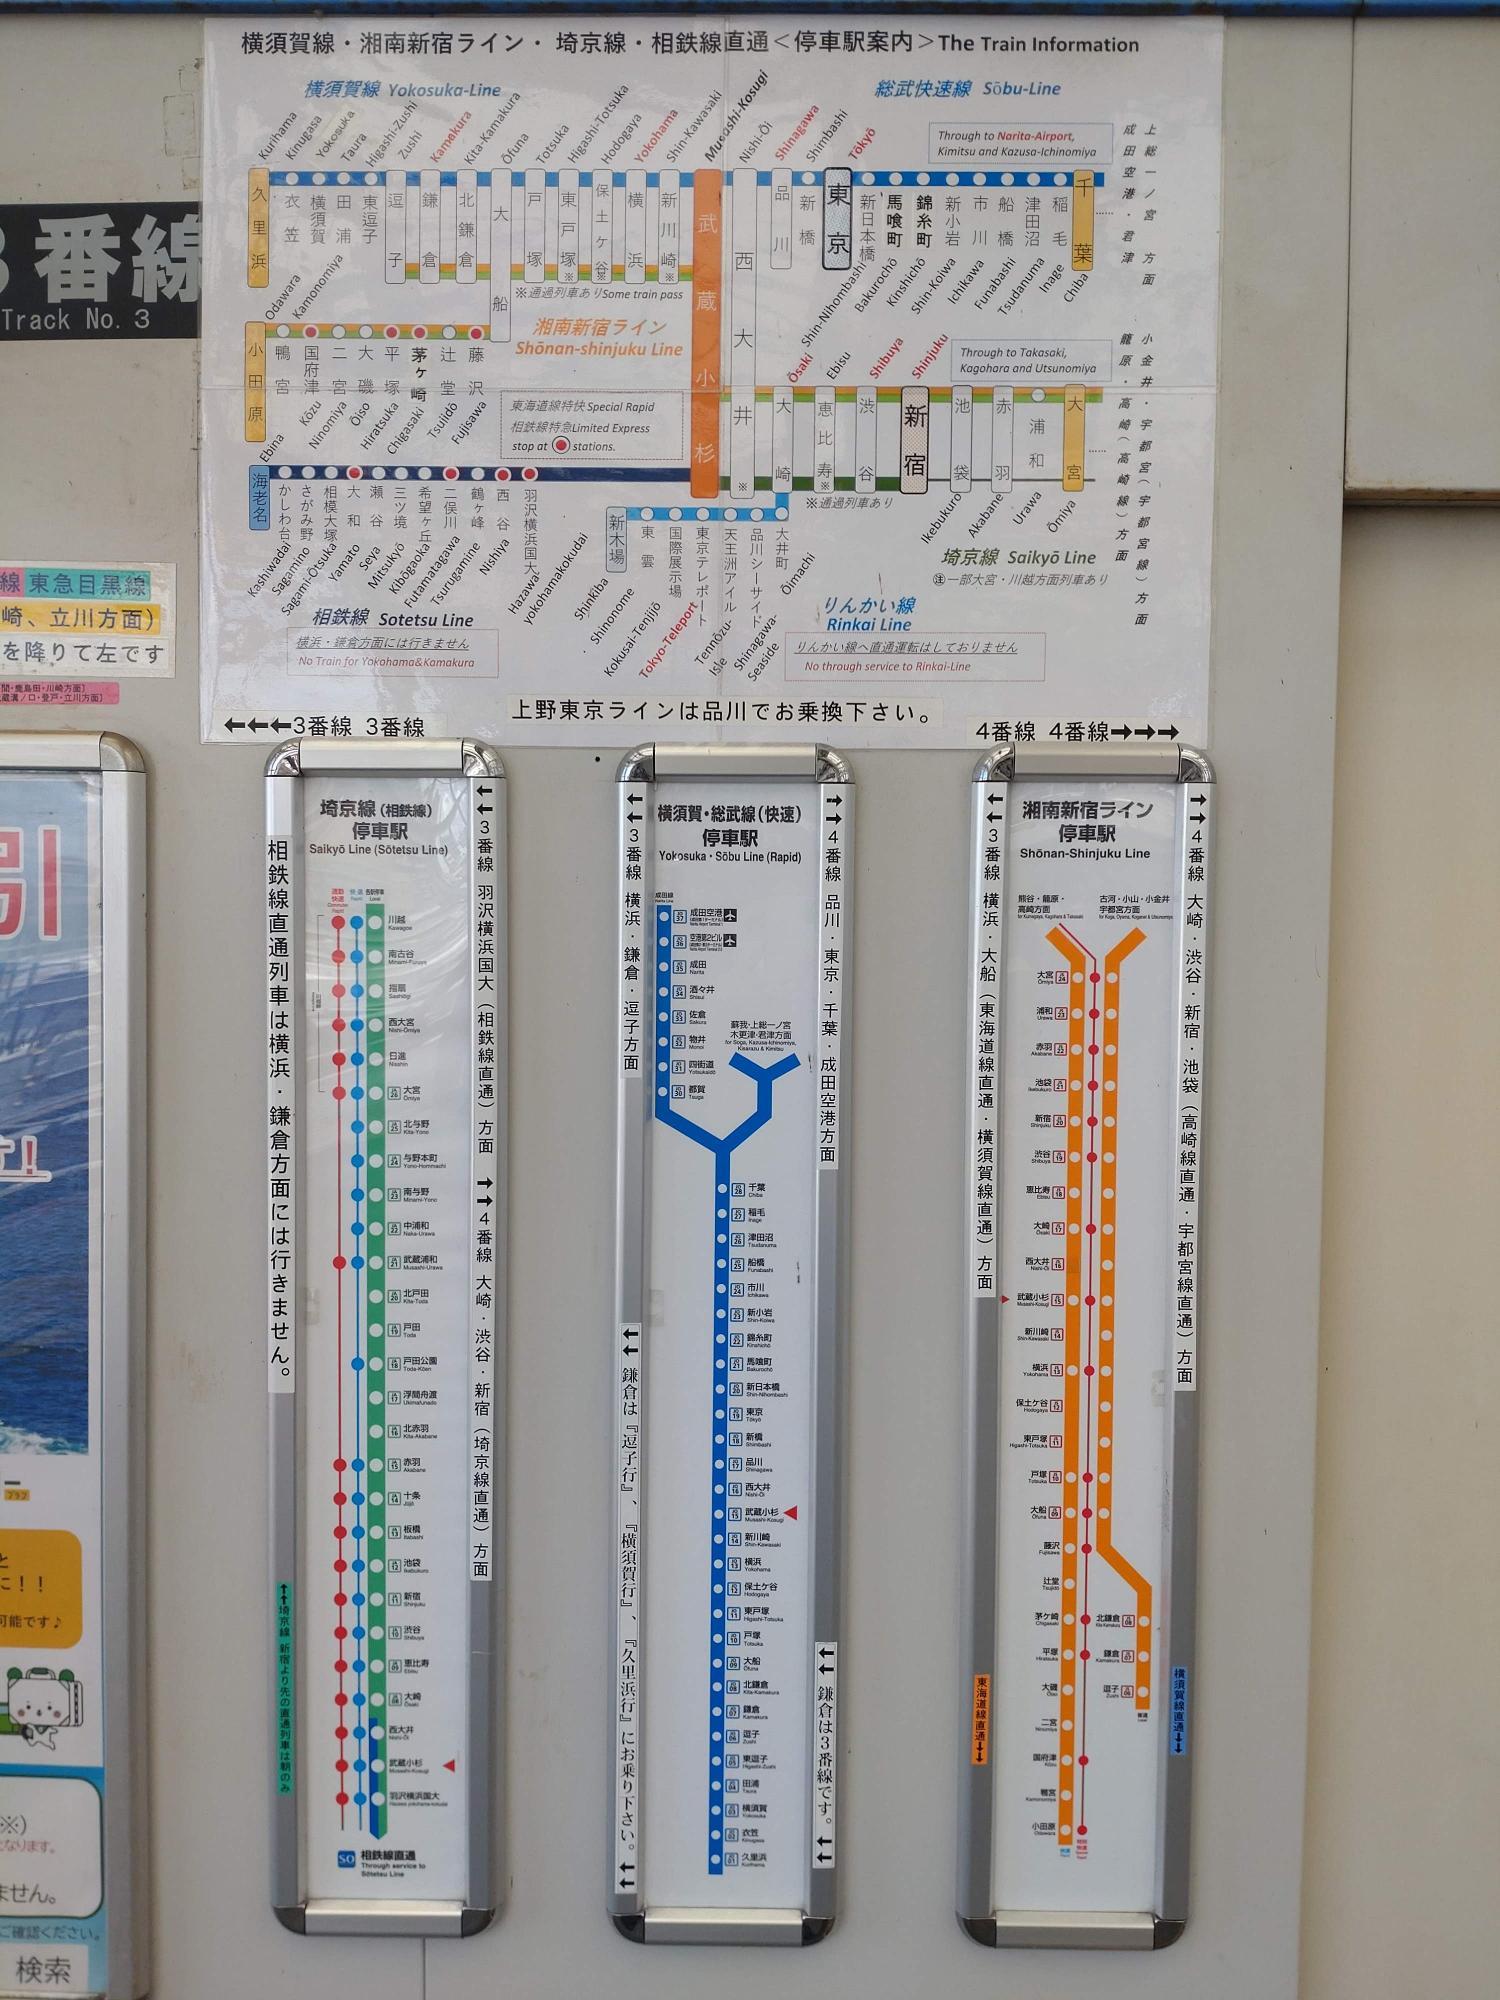 横須賀線、湘南新宿ライン、埼京線、相鉄線直通と乗り入れが多い駅でもあります